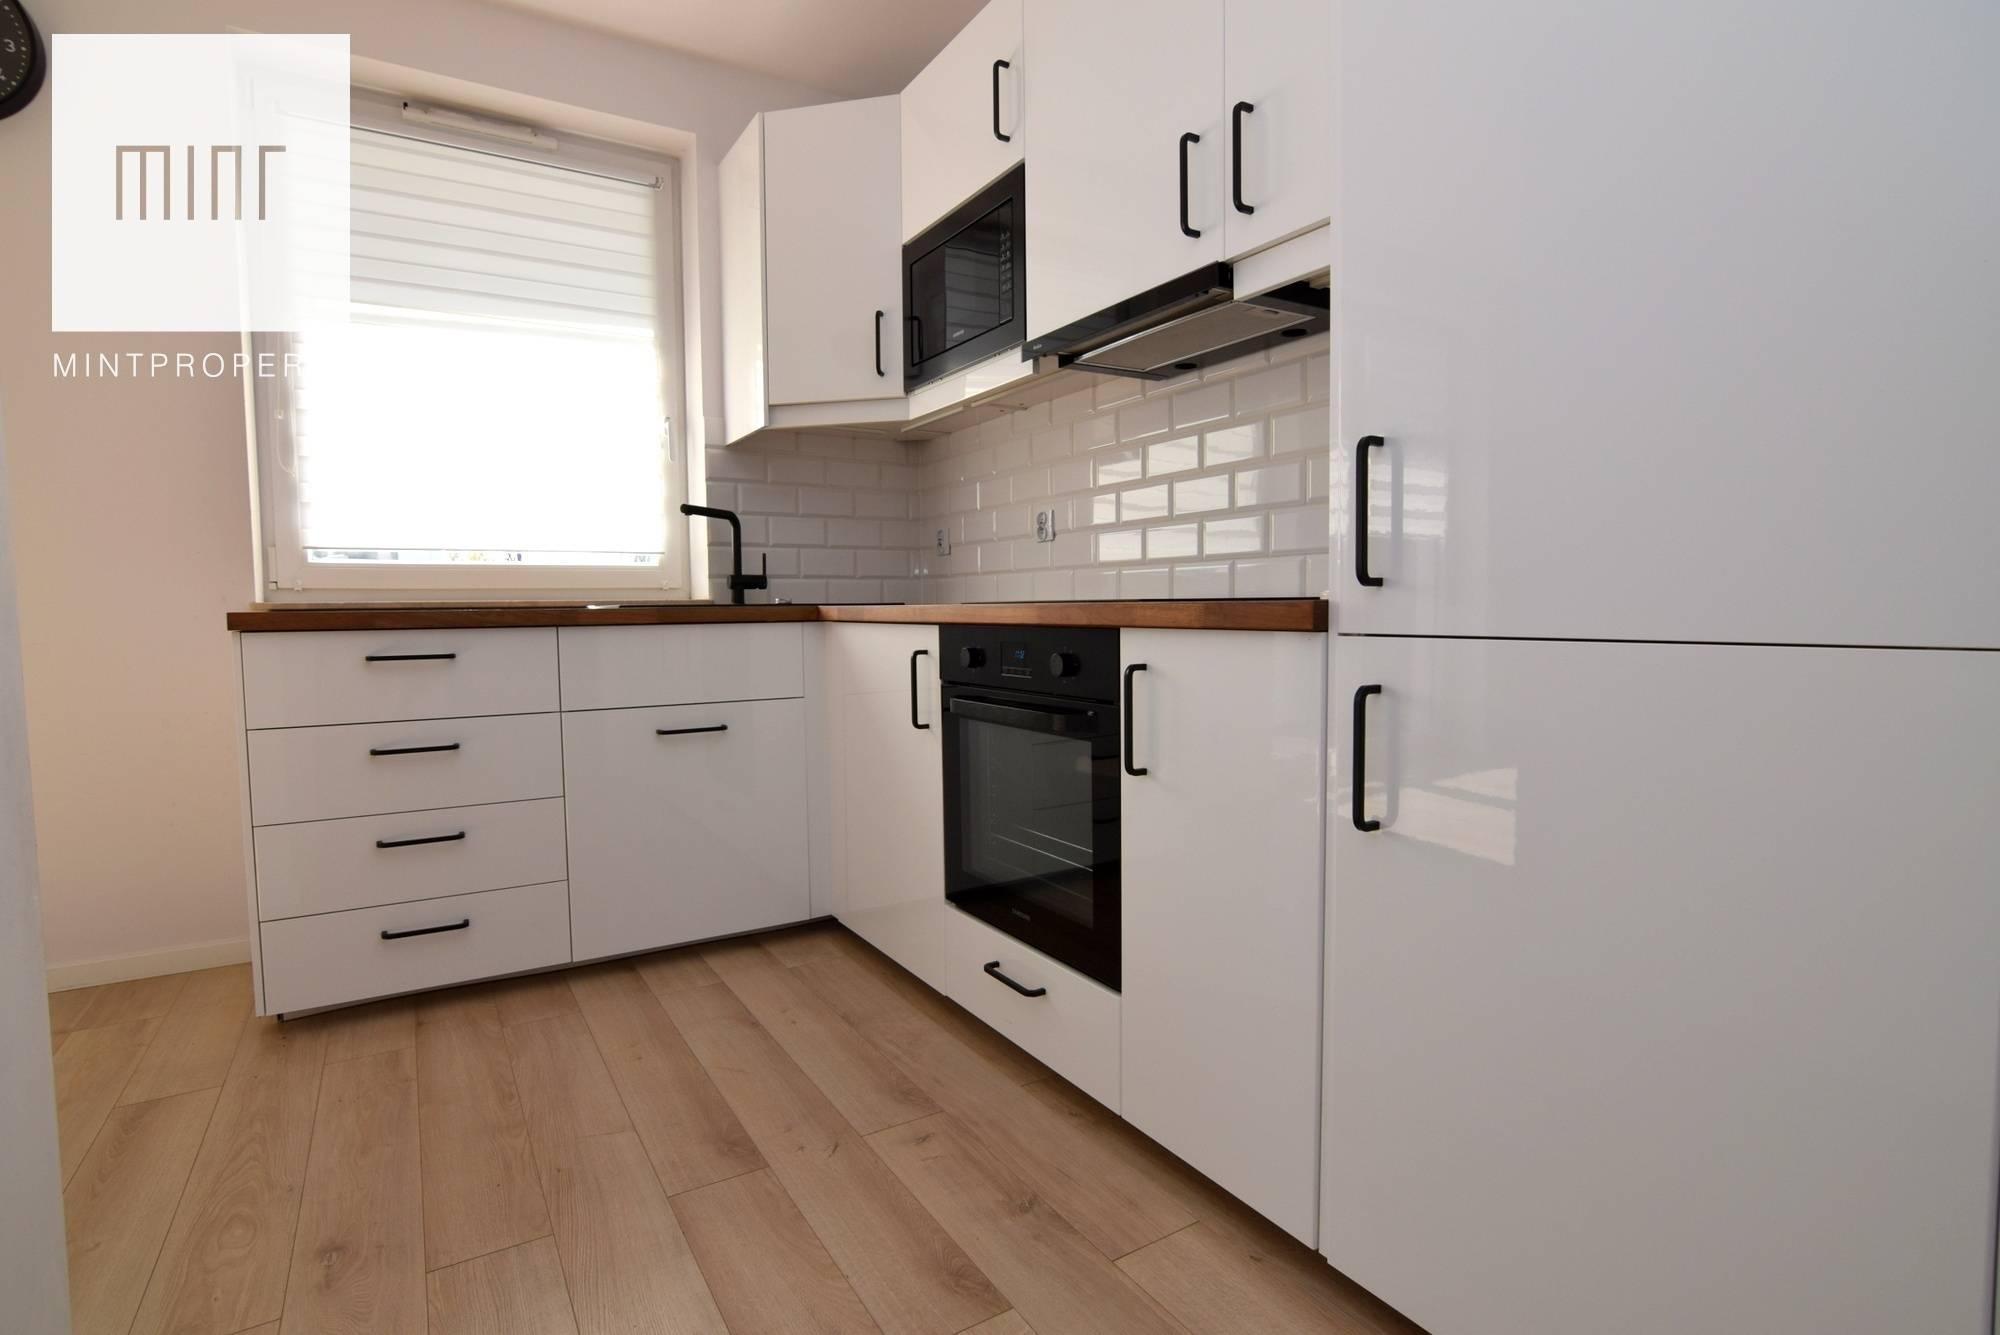 Kraków Mieszkanie Sprzedaż Sołtysowska Mint Property